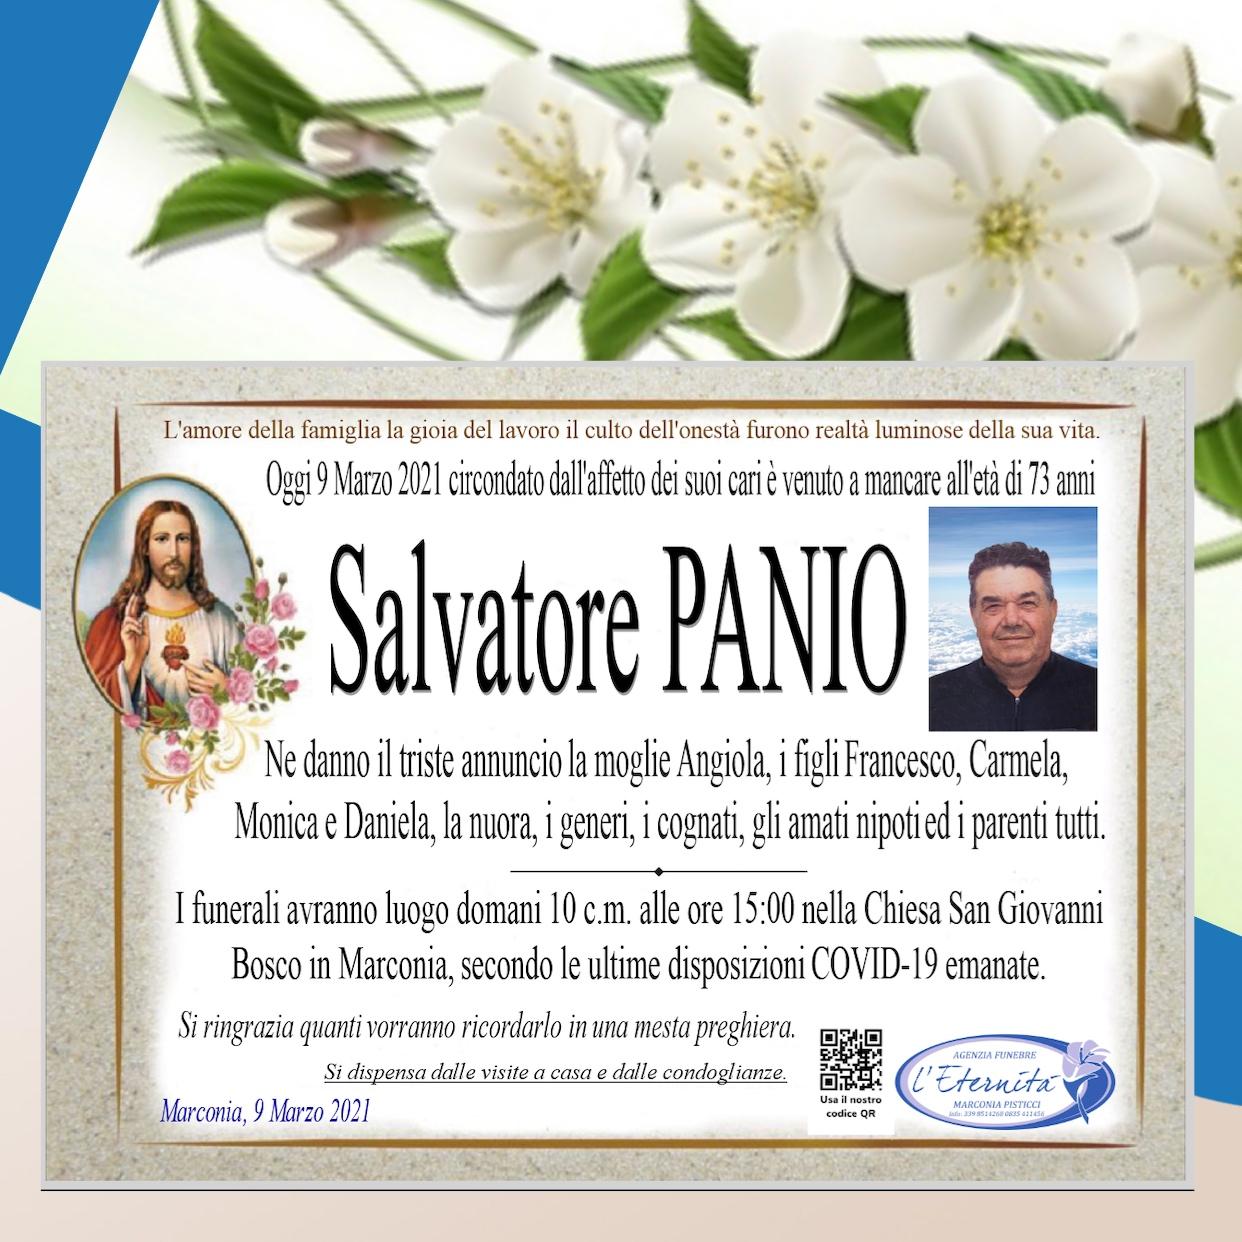 Salvatore PANIO